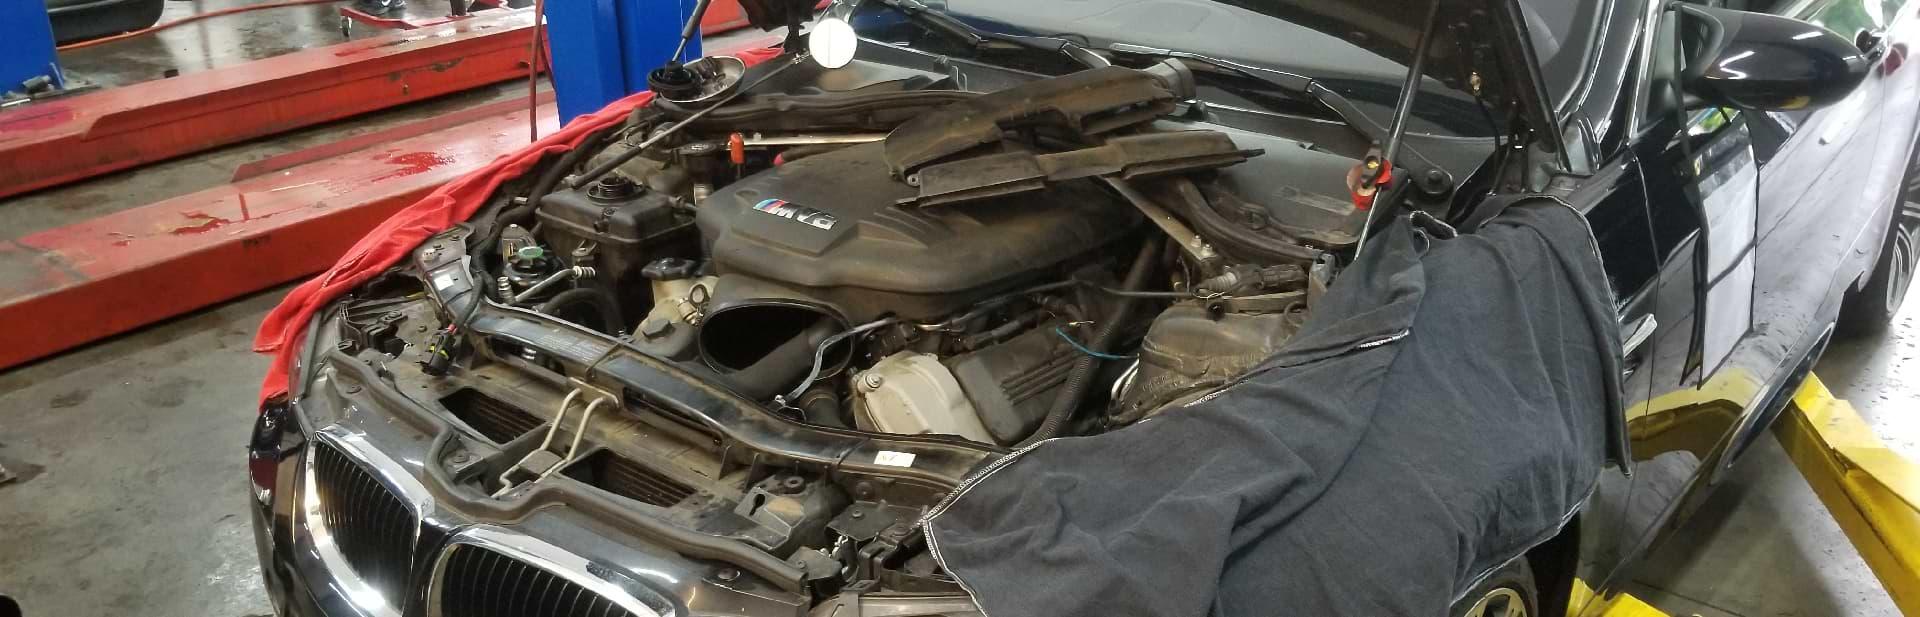 Car Repair & Service Atlanta Roswell